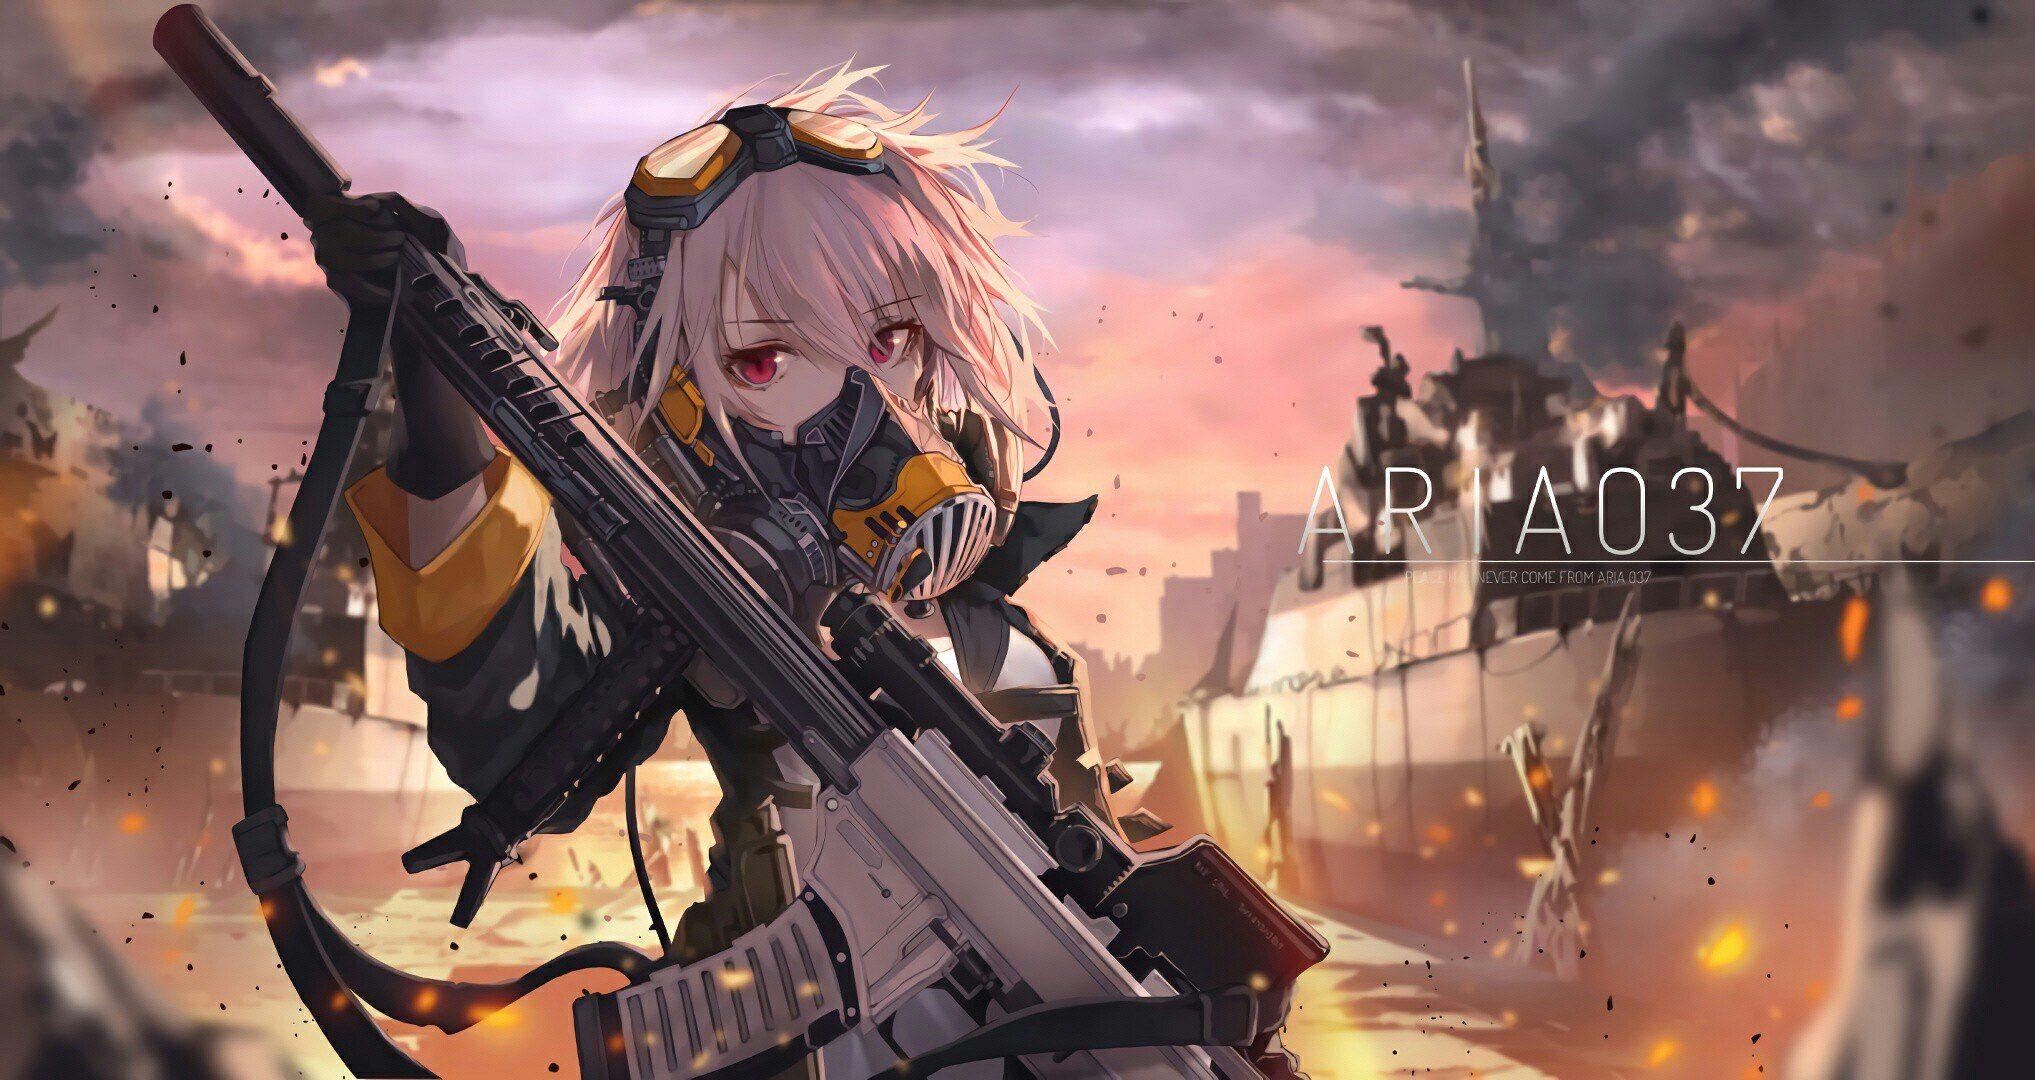 Открытка, картинки девушек с оружием из аниме